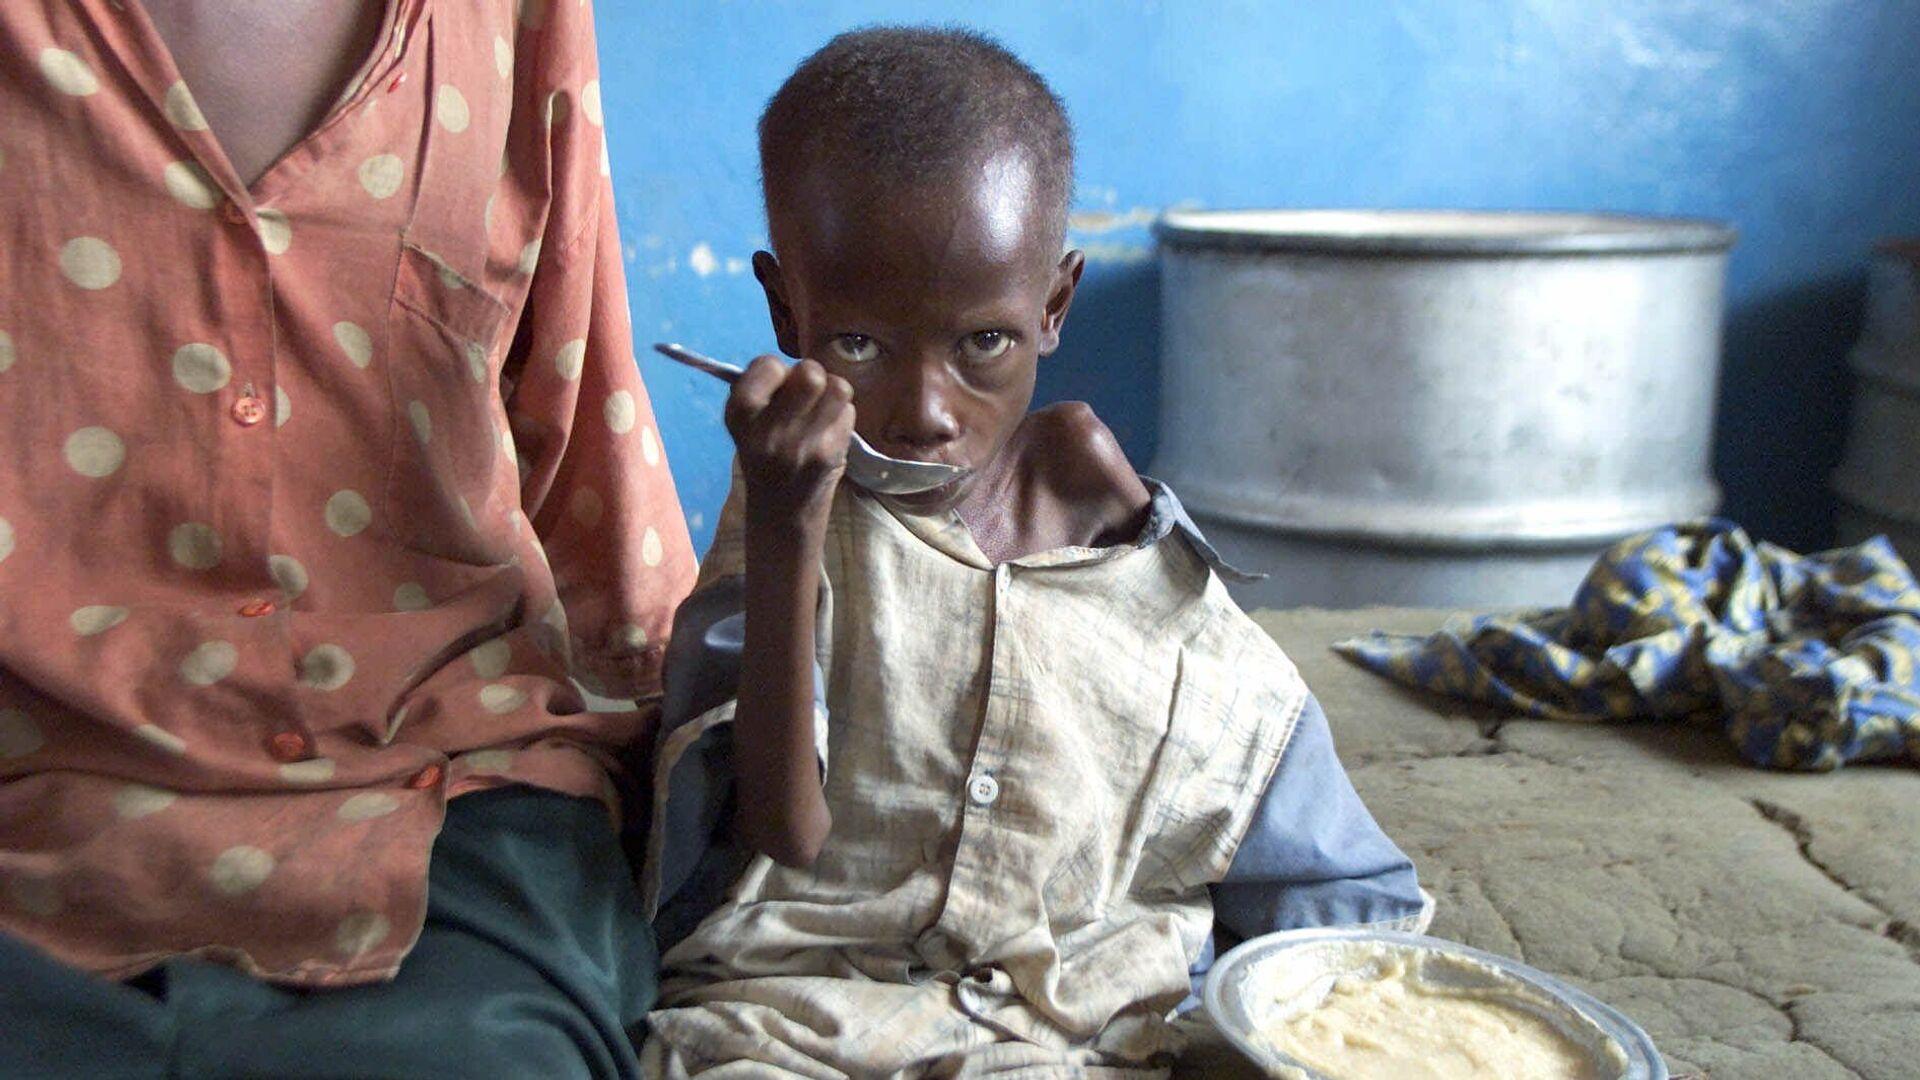 Bambino consumato dalla fame in Congo - Sputnik Italia, 1920, 18.08.2021